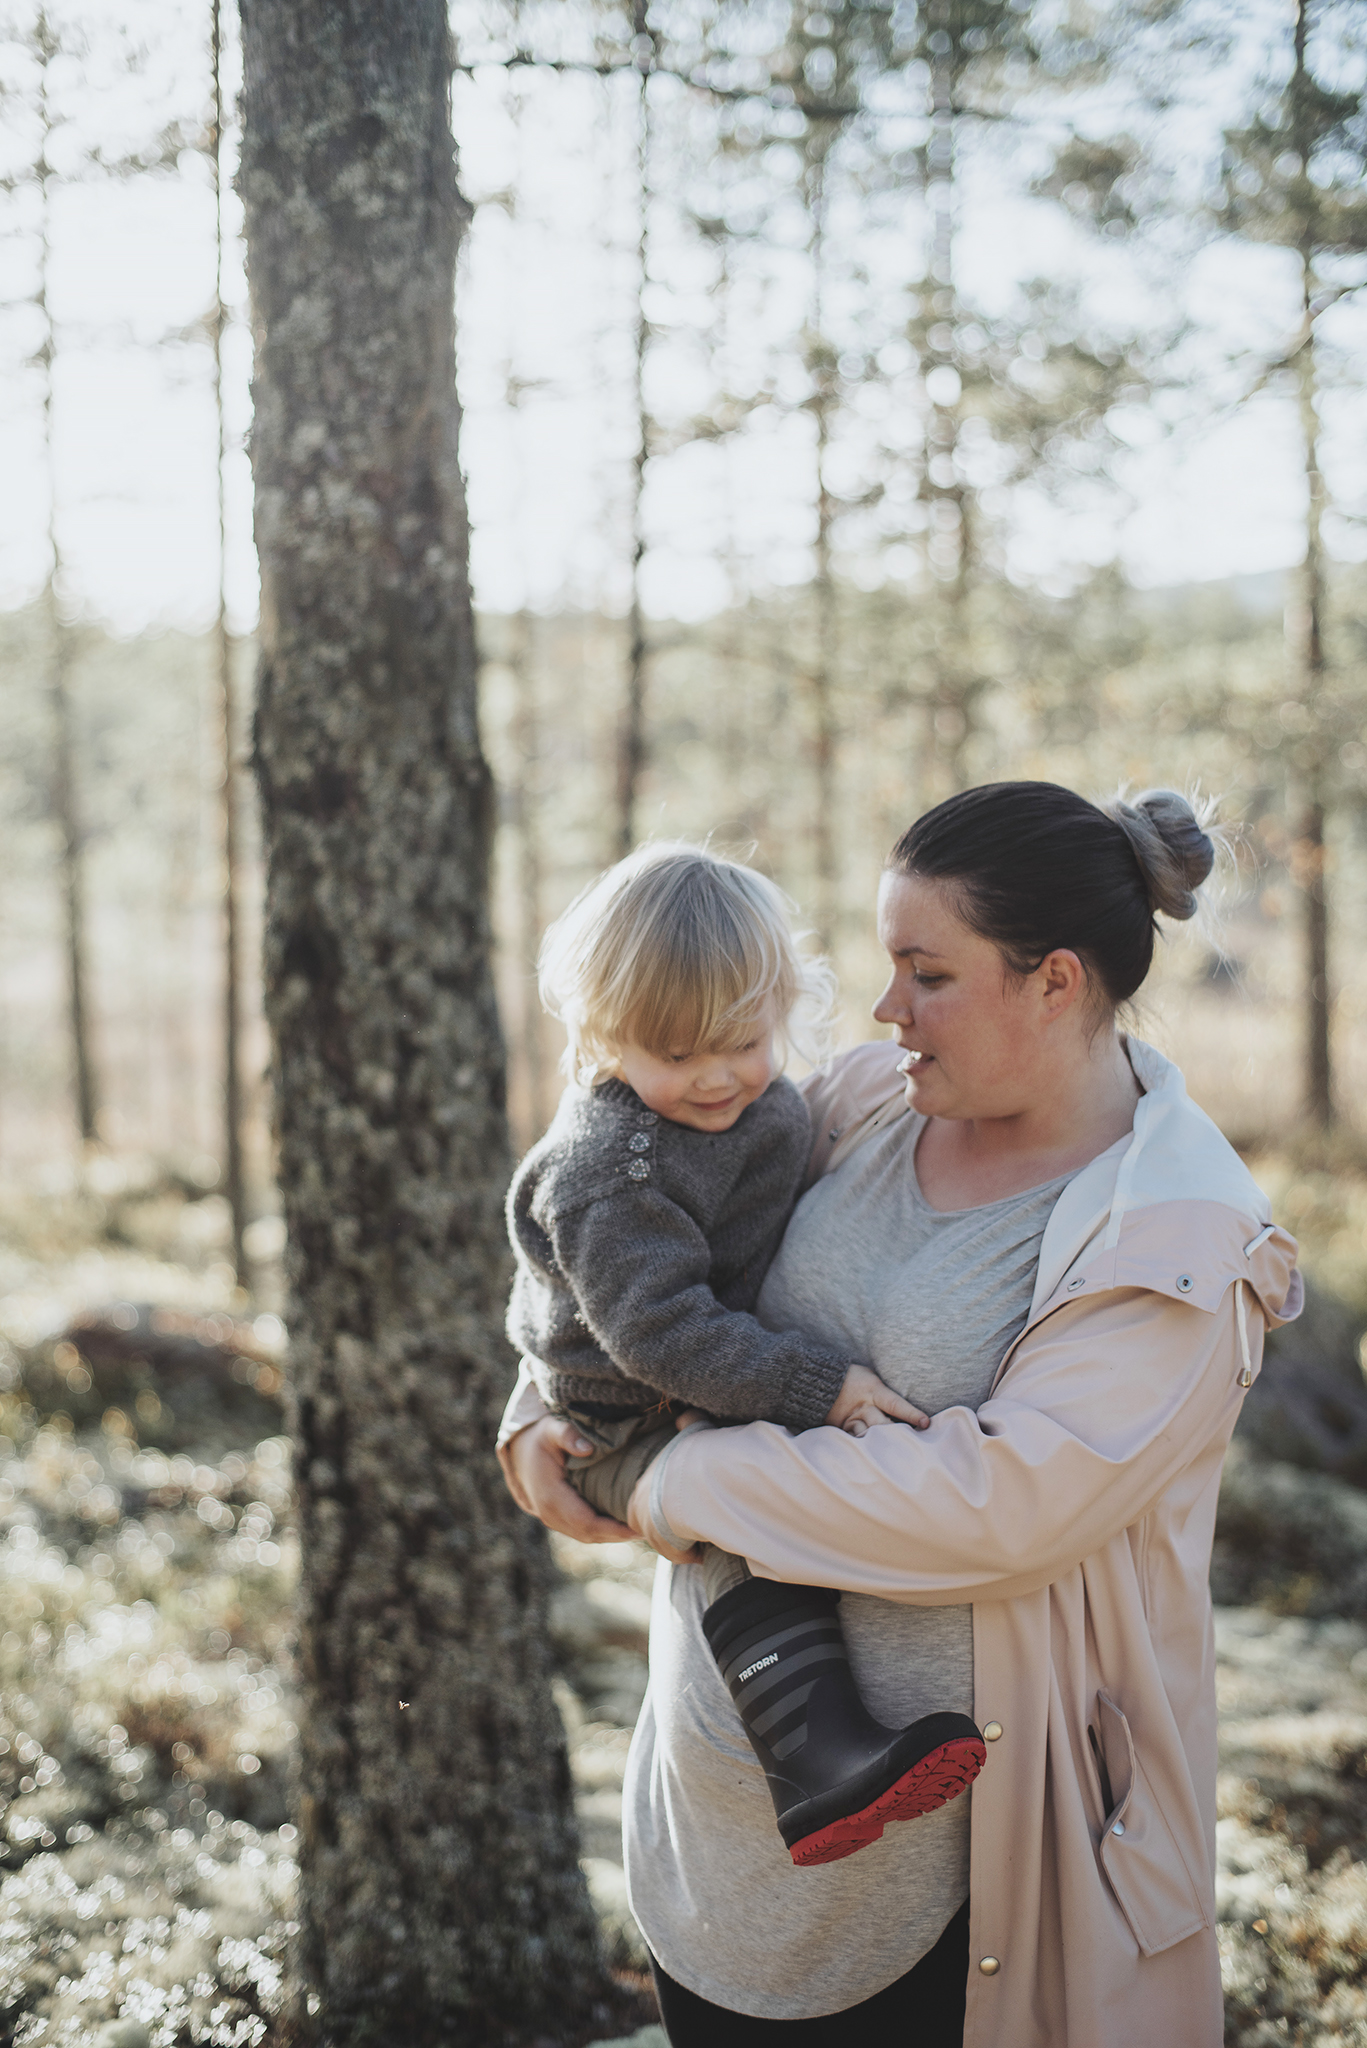 Bröllop & Familjefotograf Emelie Essberg